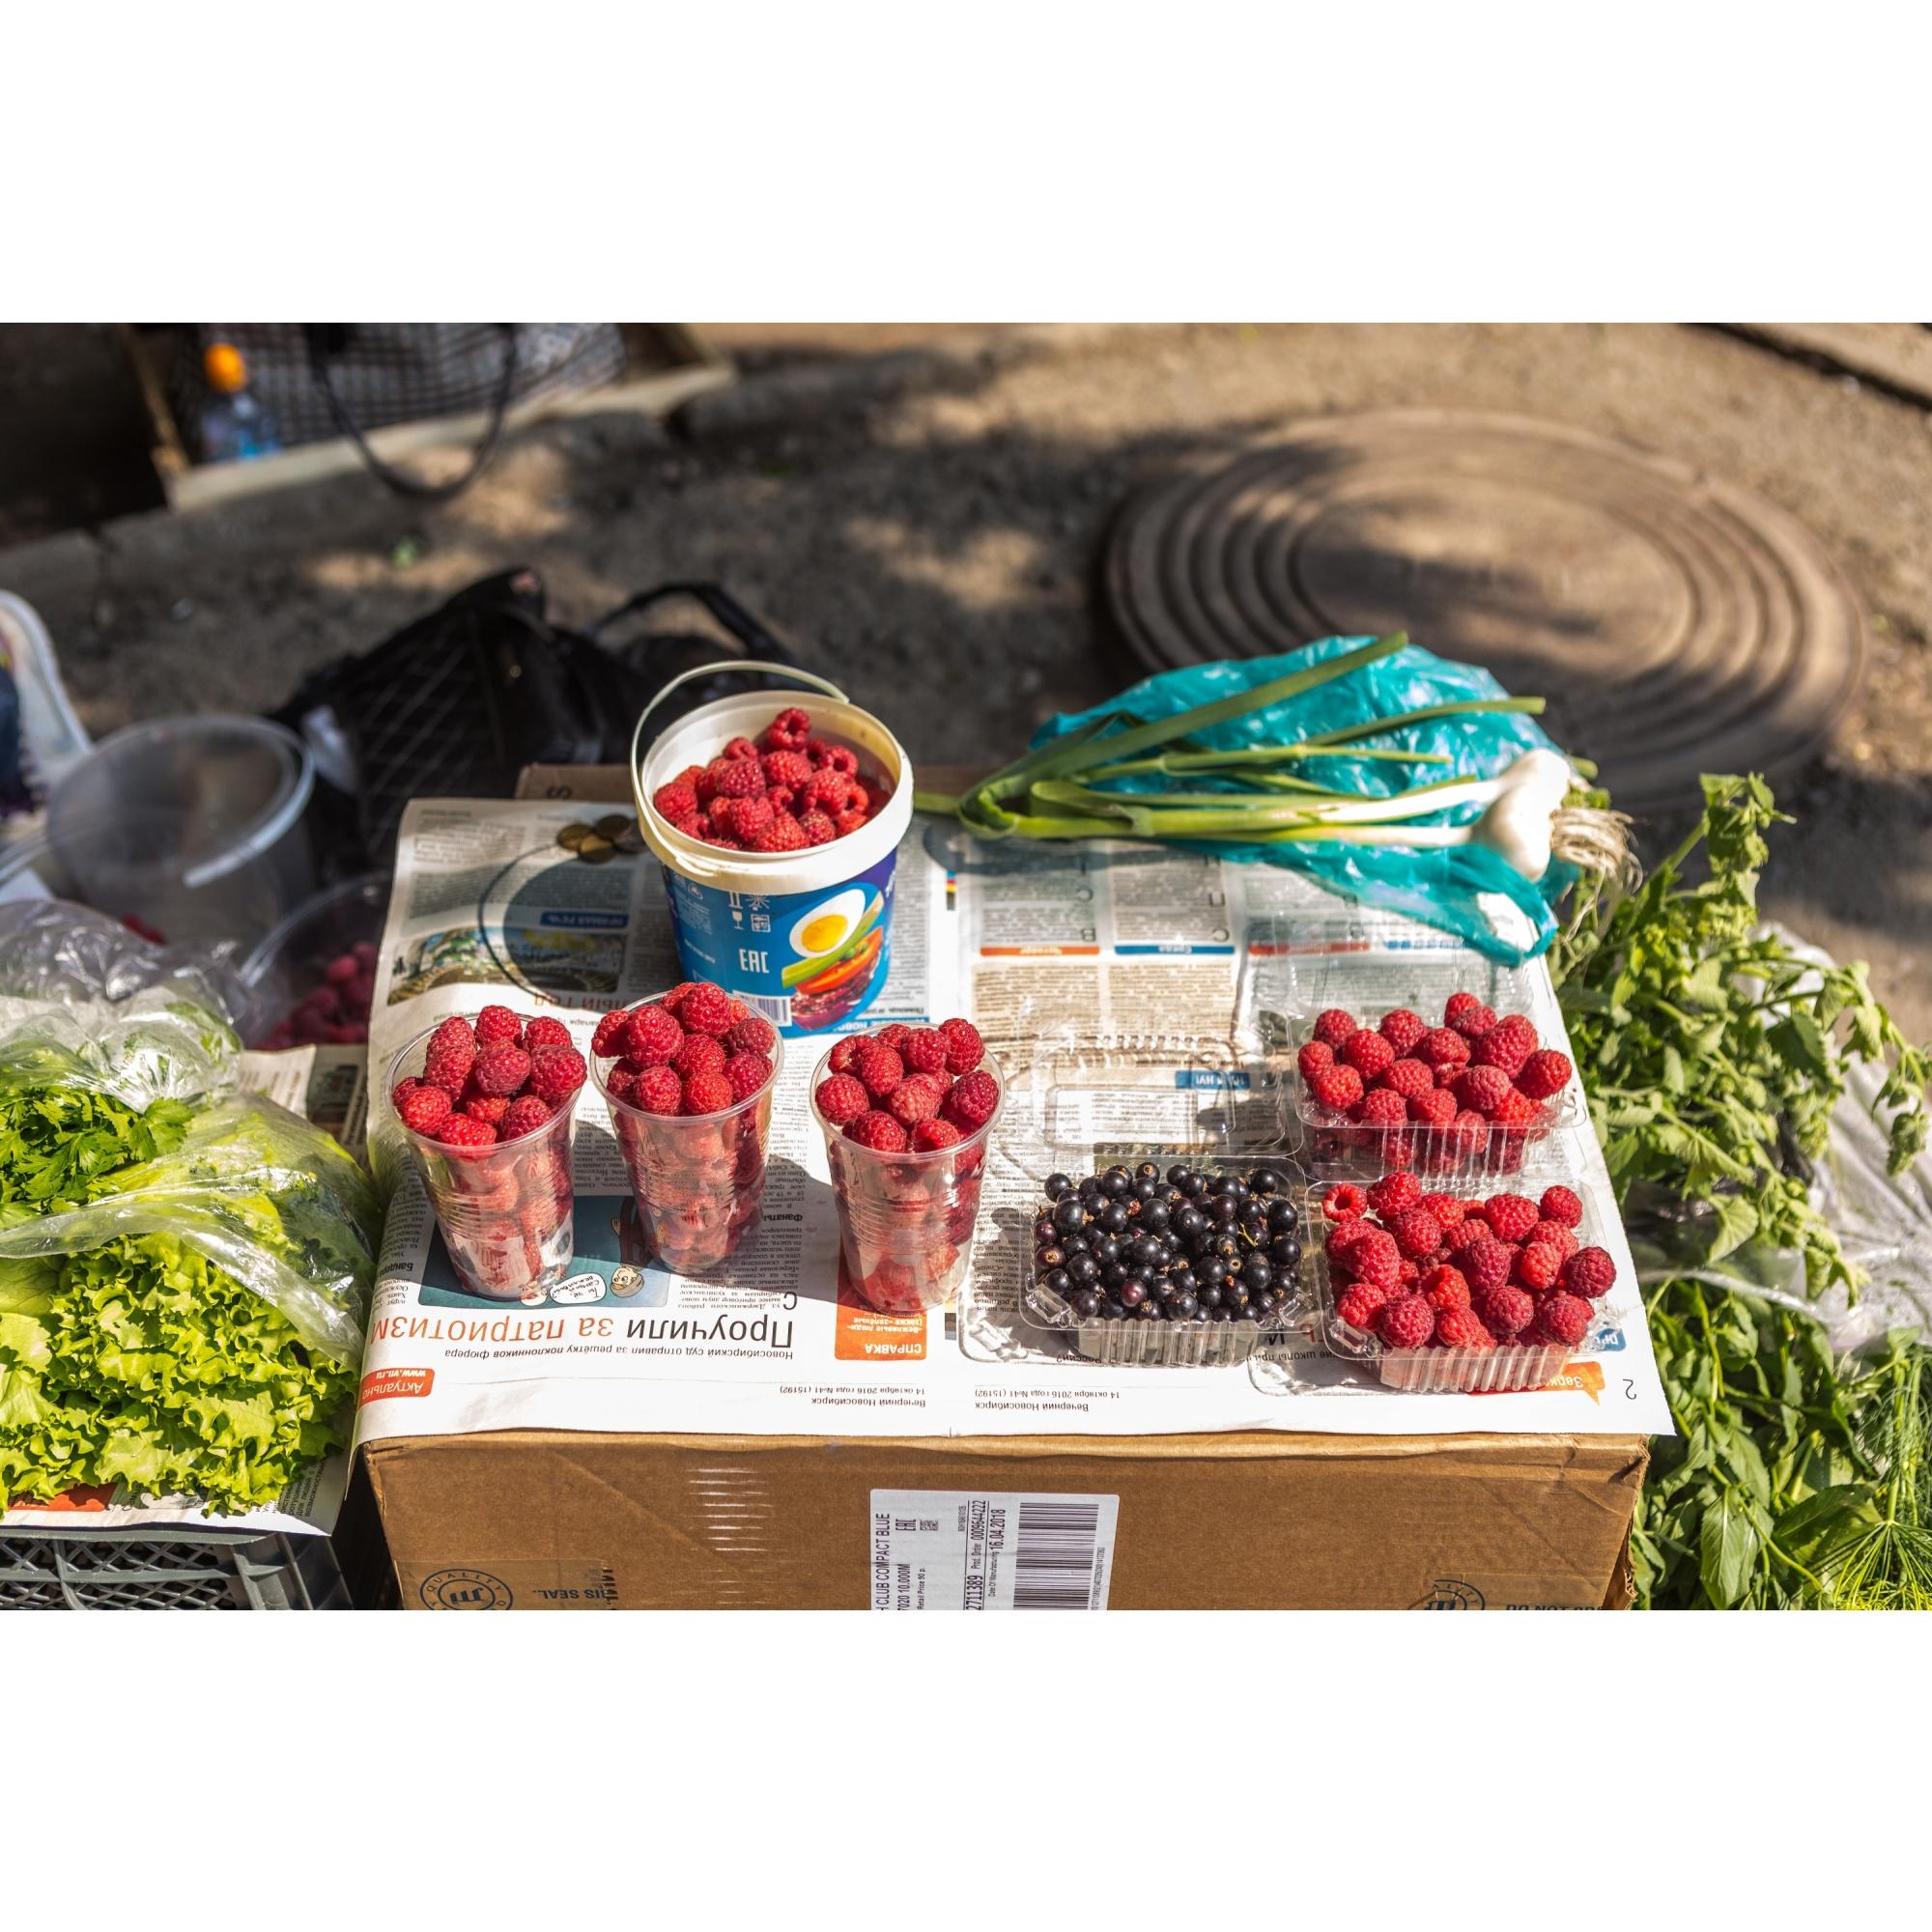 Литр малины стоит в среднем 300 рублей